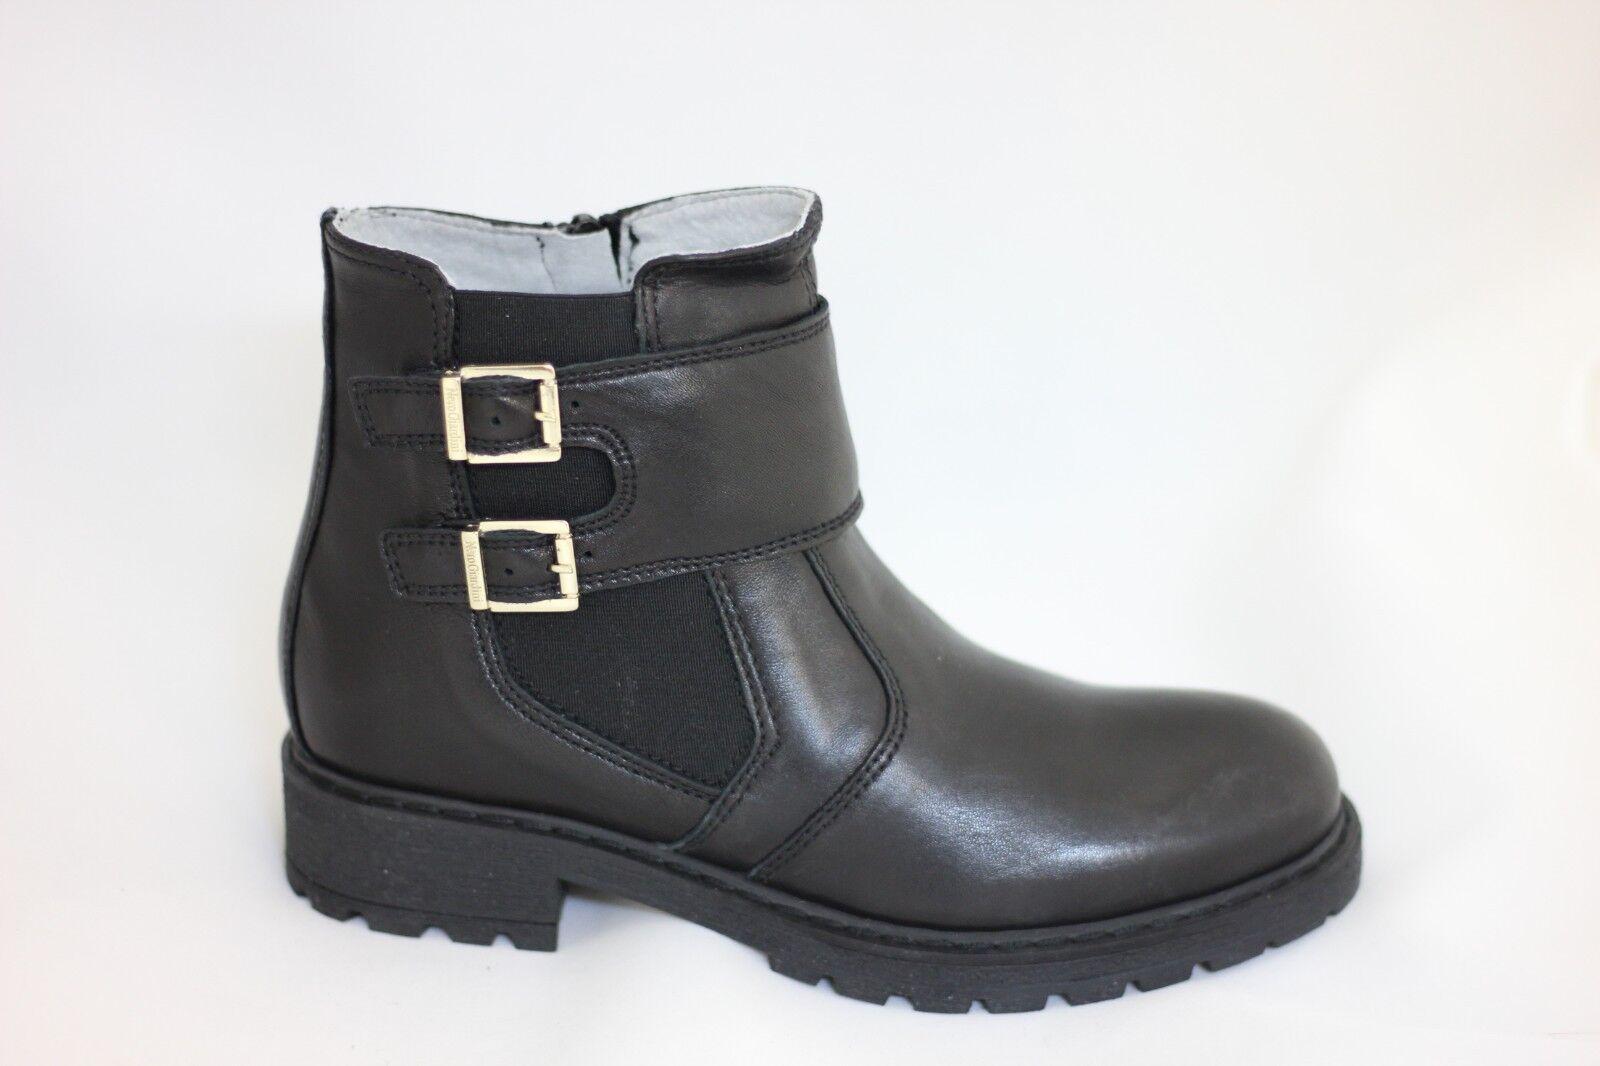 NERO GIARDINI Stivale tronchetto scarpa pelle donna nero 531202 35 saldi | Acquista  | Uomo/Donna Scarpa